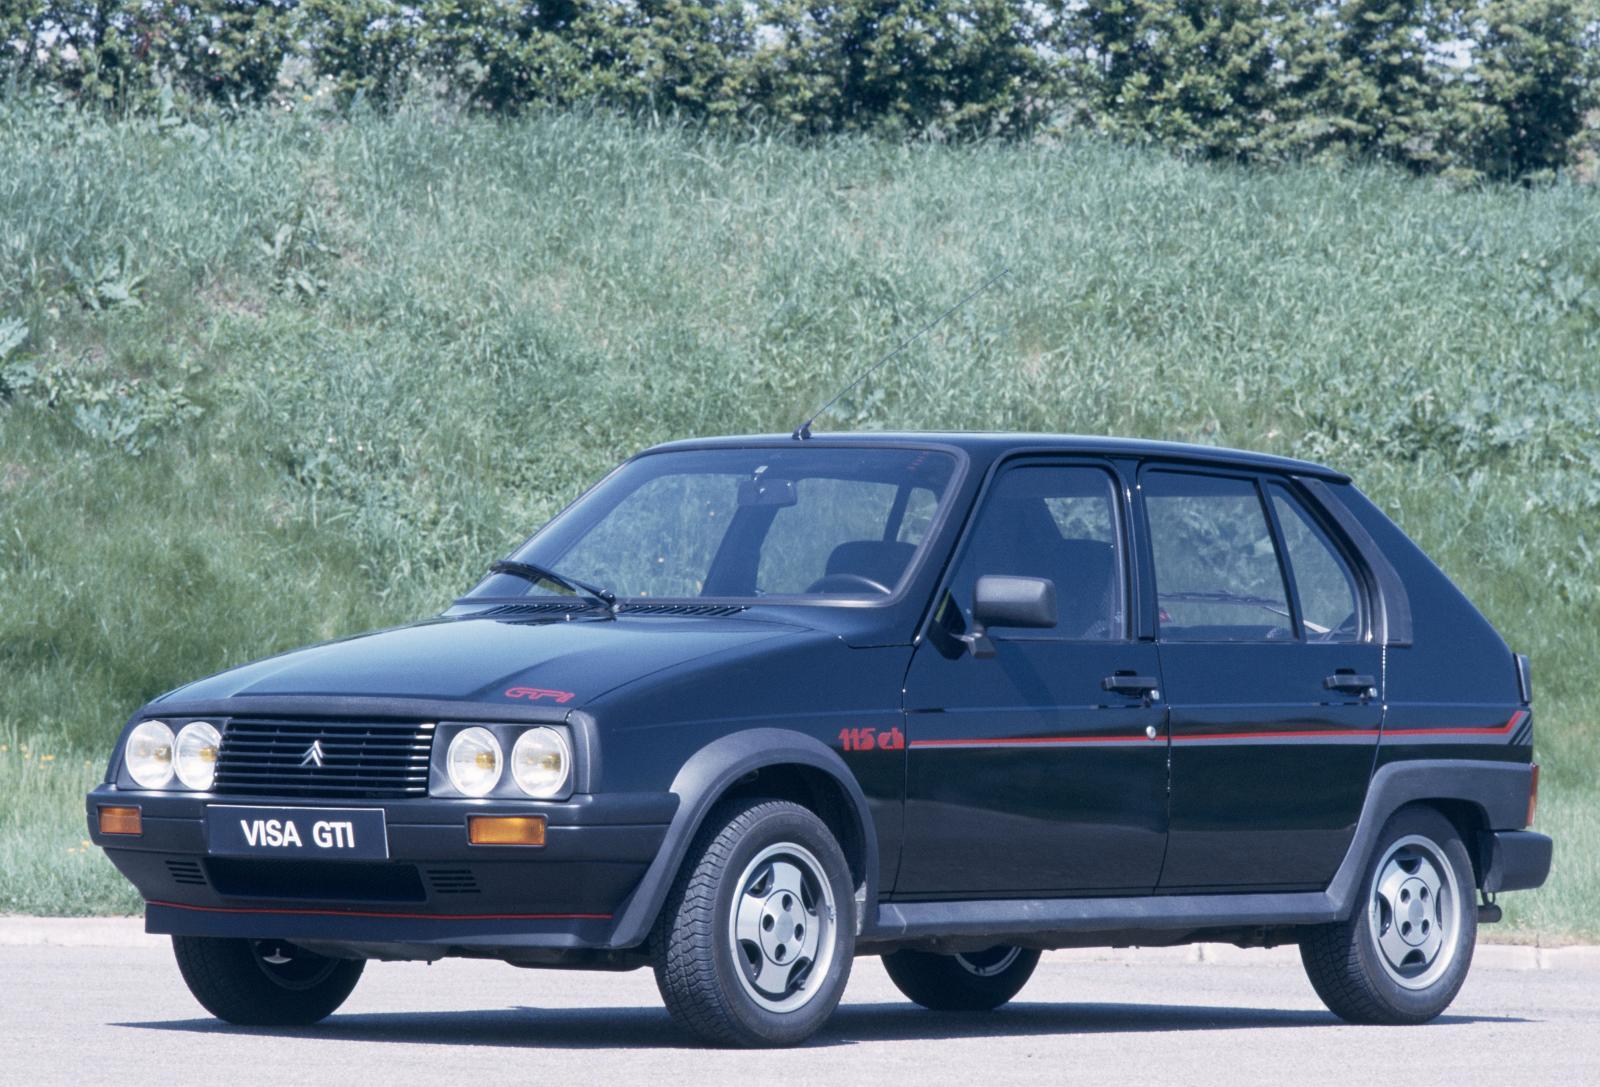 Visa GTI 1987